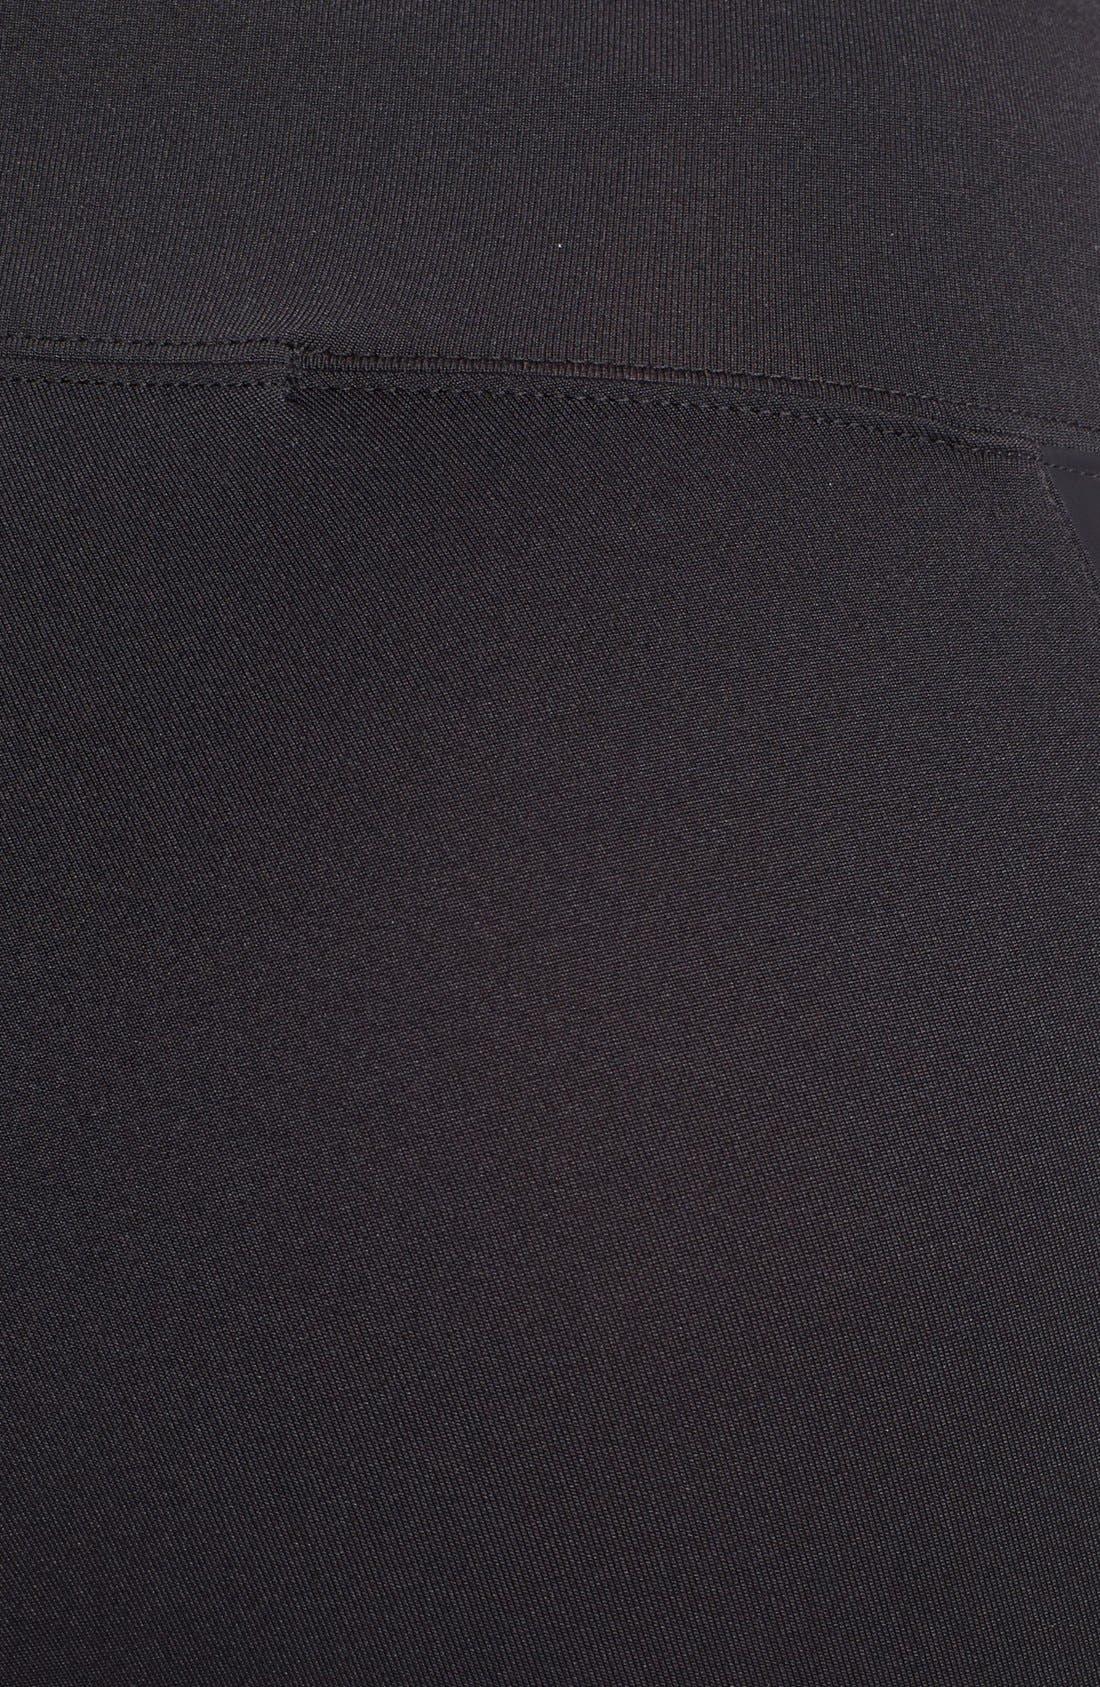 Alternate Image 3  - kensie Faux Leather Inset Leggings